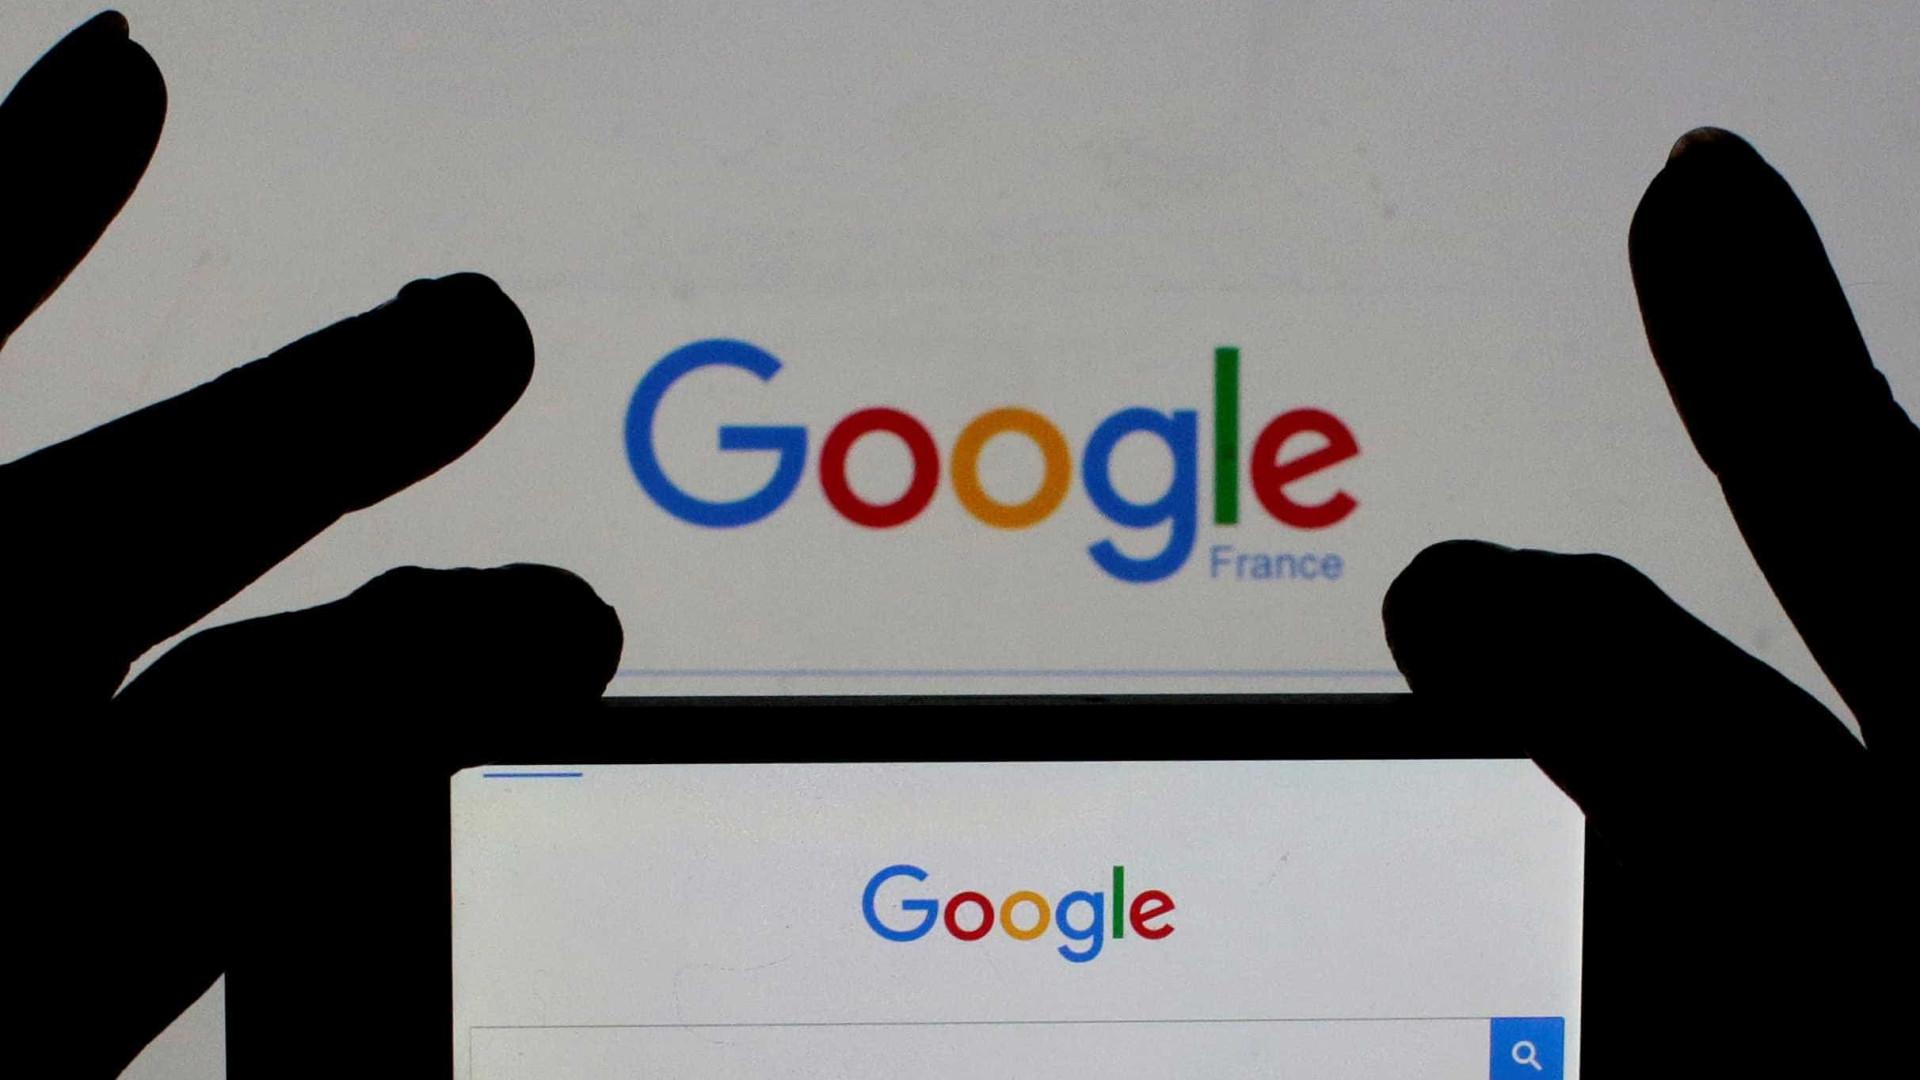 Nada de bitcoin no Google! Empresa veta anúncios de criptomoedas